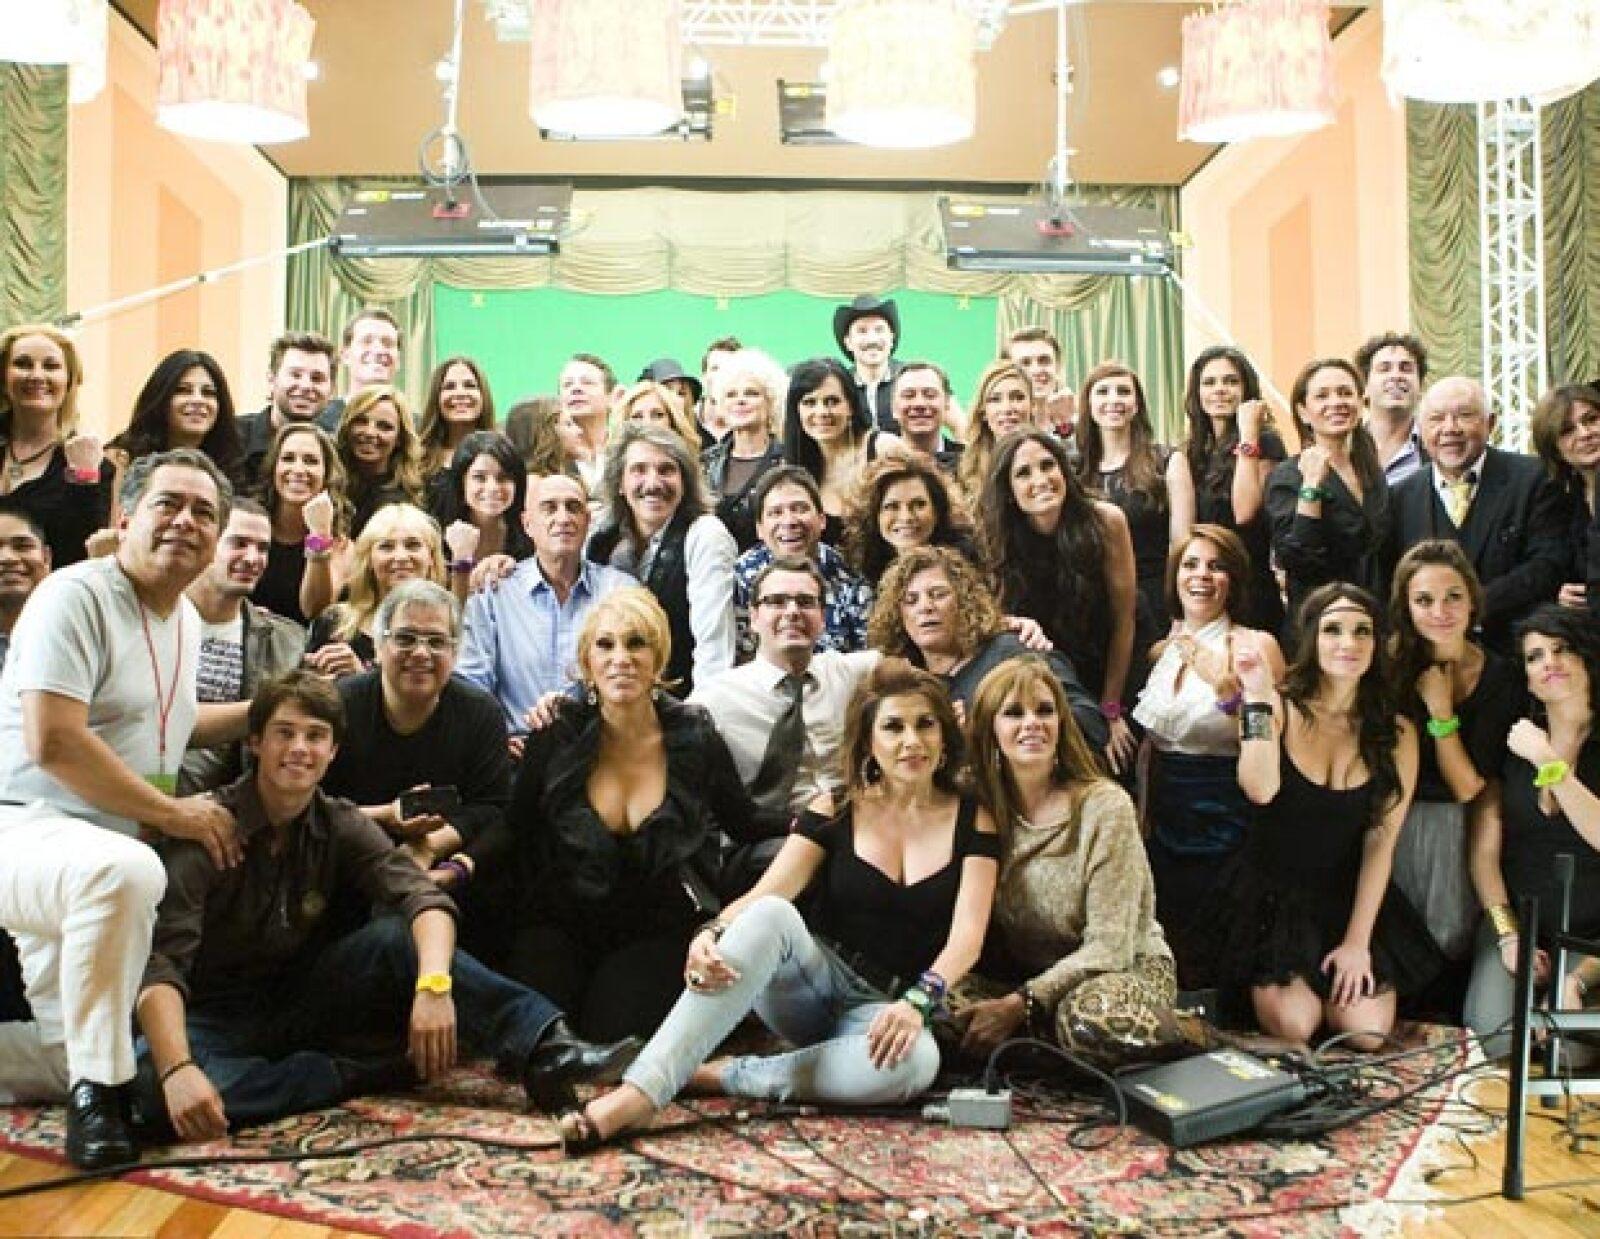 Más de 100 artistas participaron en el video de la fundación En tus manos que se estrenará el próximo mes de agosto.